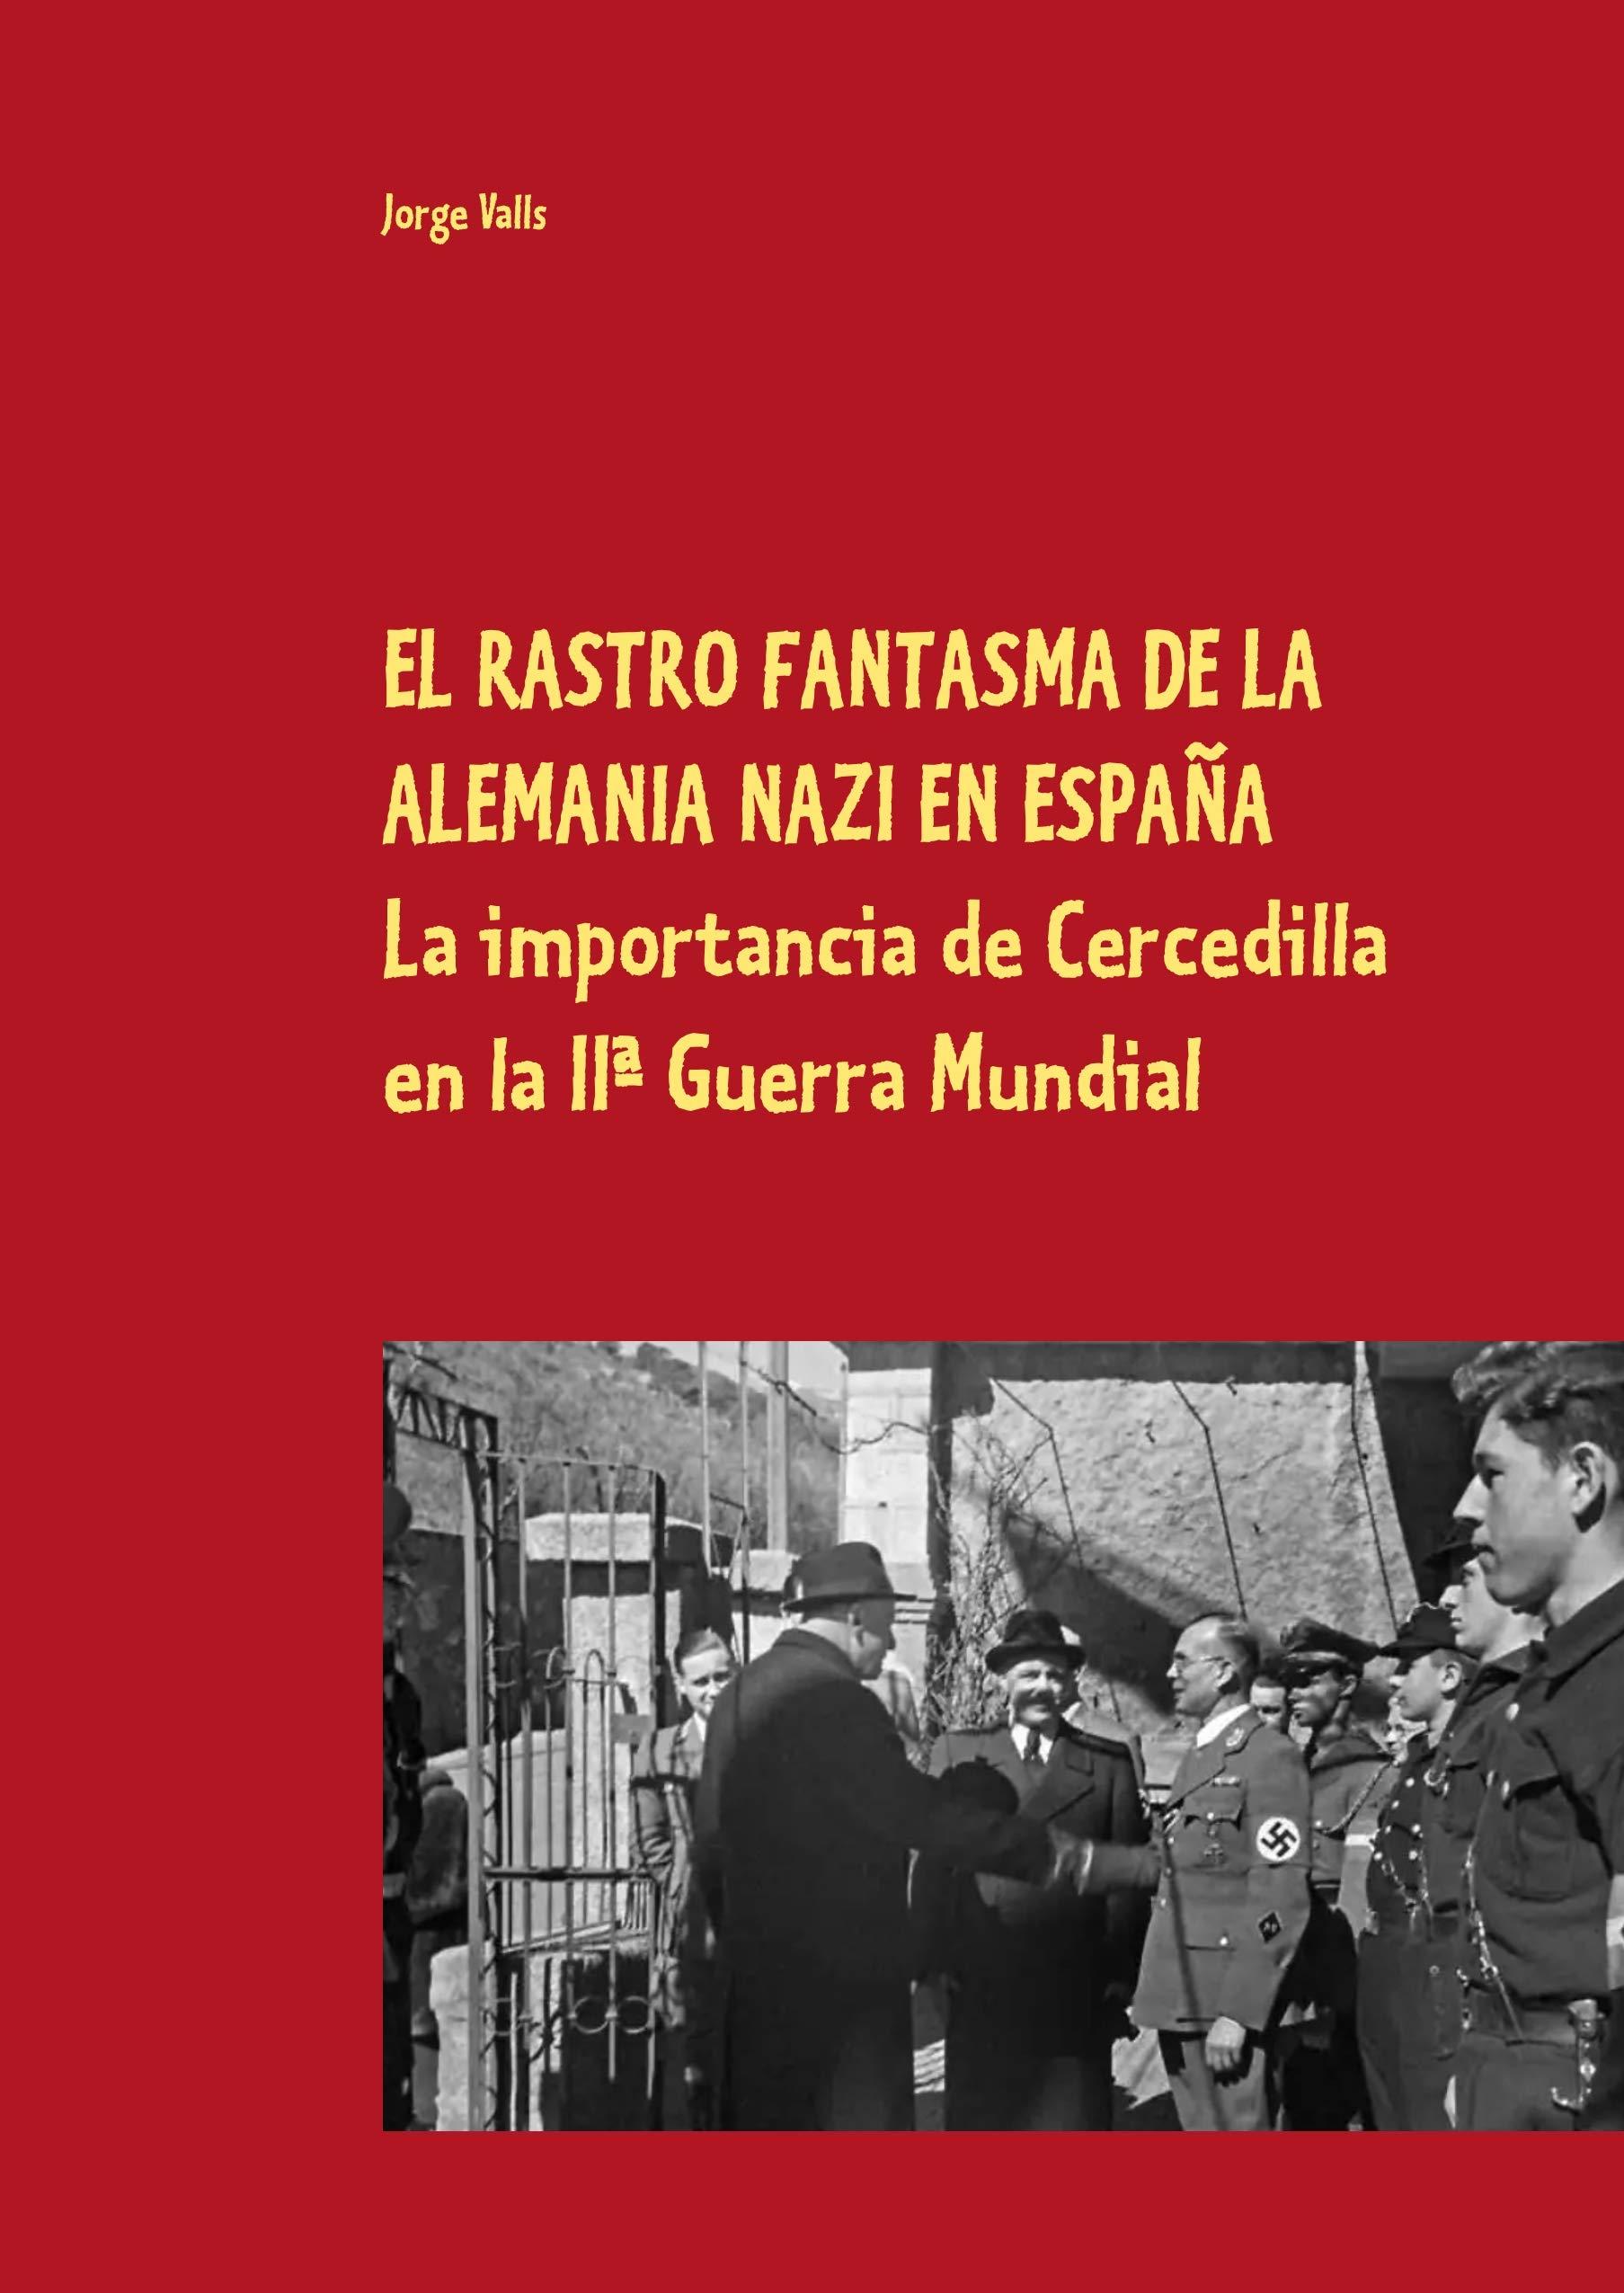 EL RASTRO FANTASMA DE LA ALEMANIA NAZI EN ESPAÑA: El papel de Cercedilla en la segunda guerra mundial: Amazon.es: Valls, Jorge: Libros